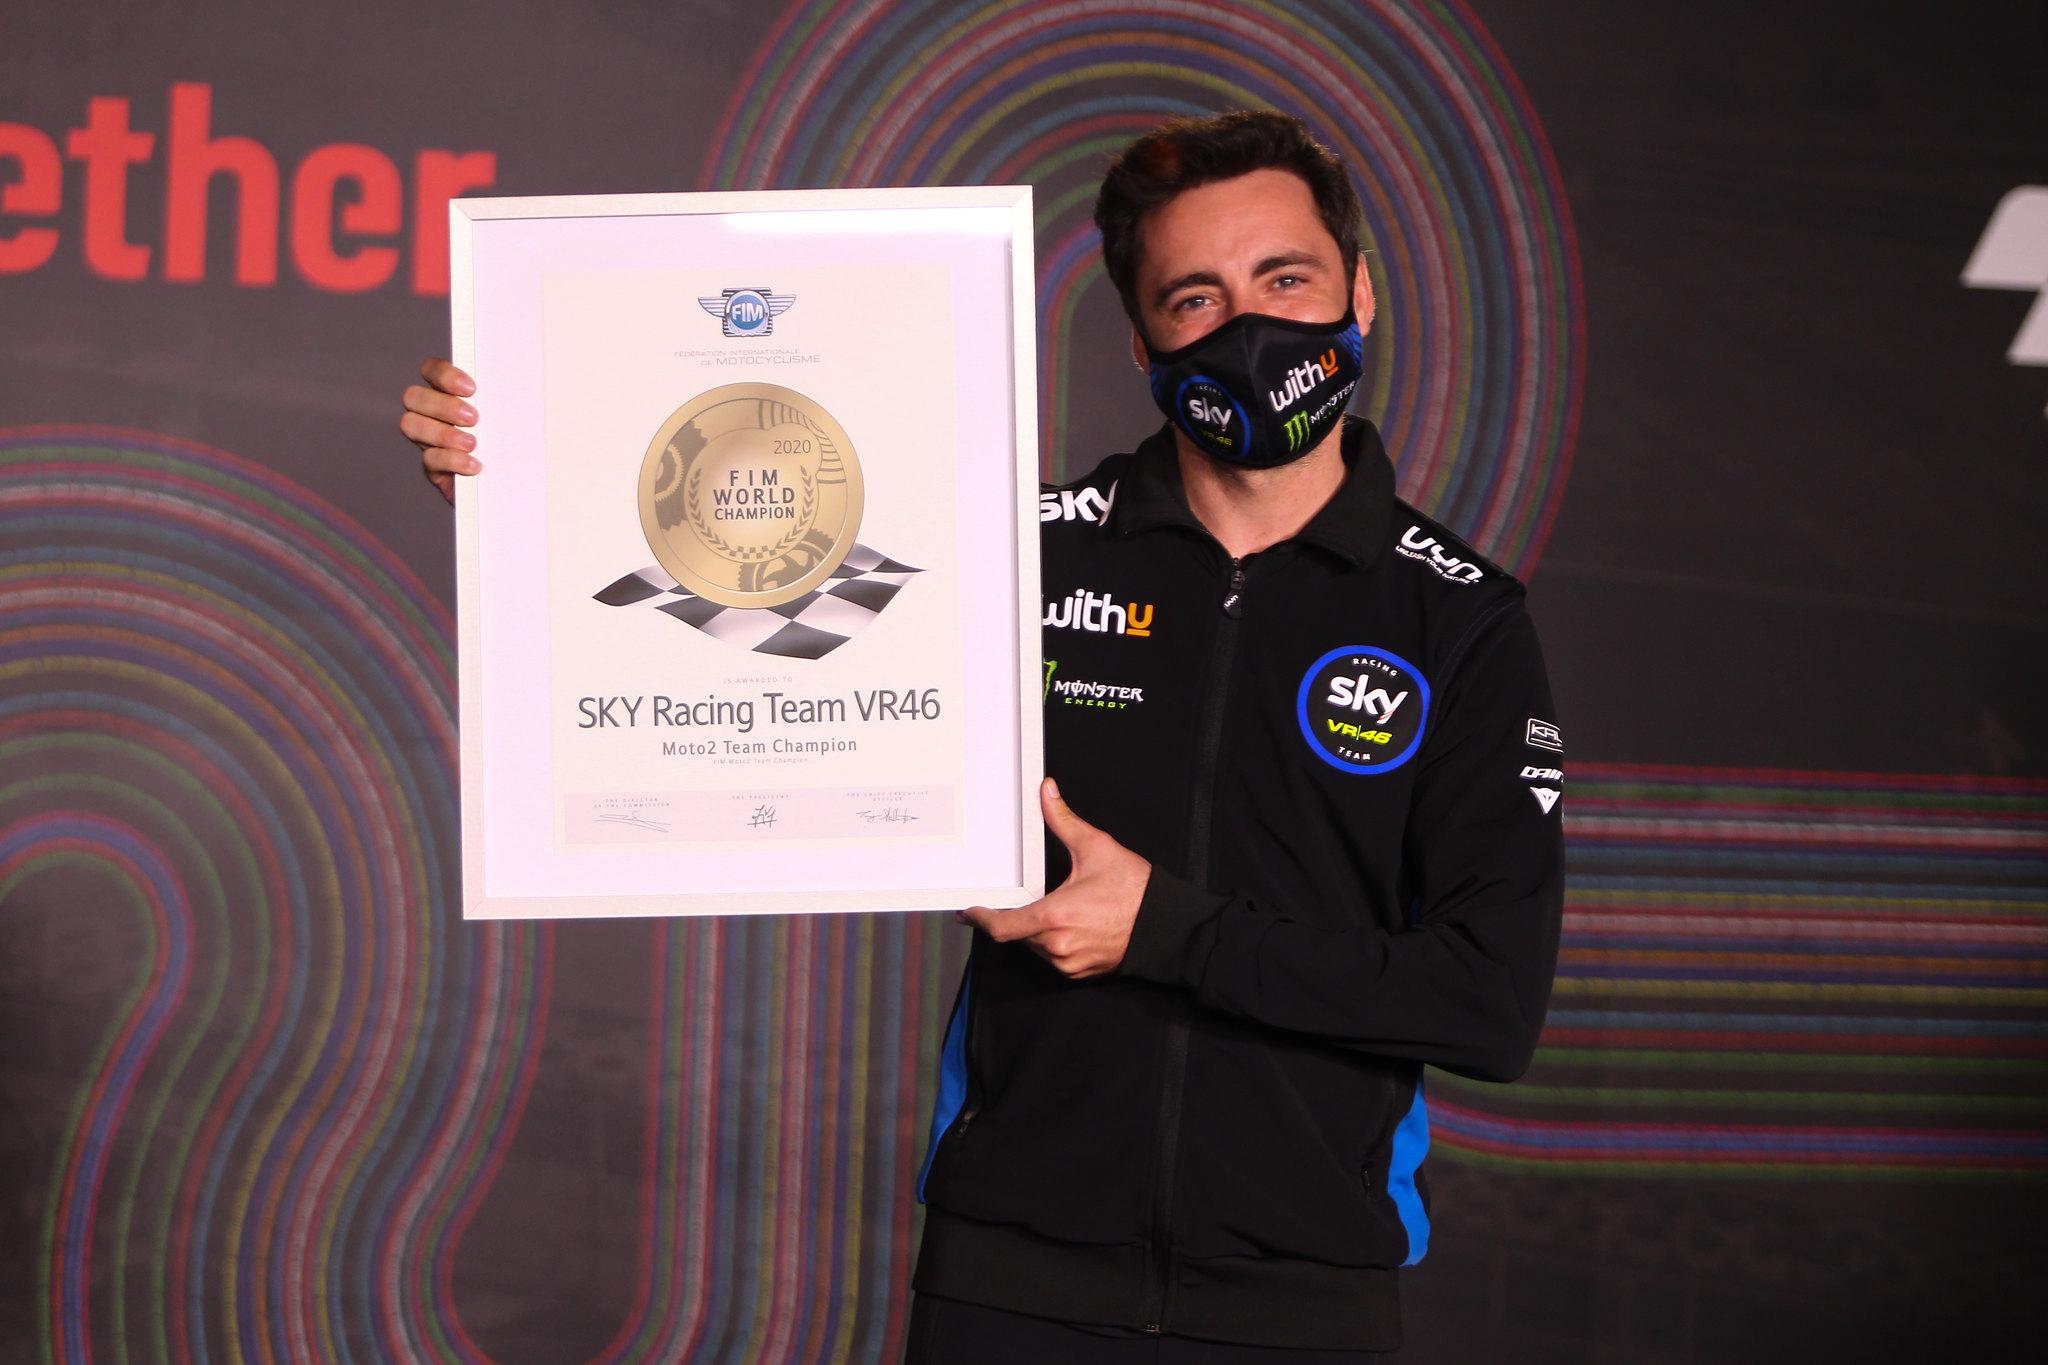 SKY Racing Team VR46 - Moto2 team wereldkampioen